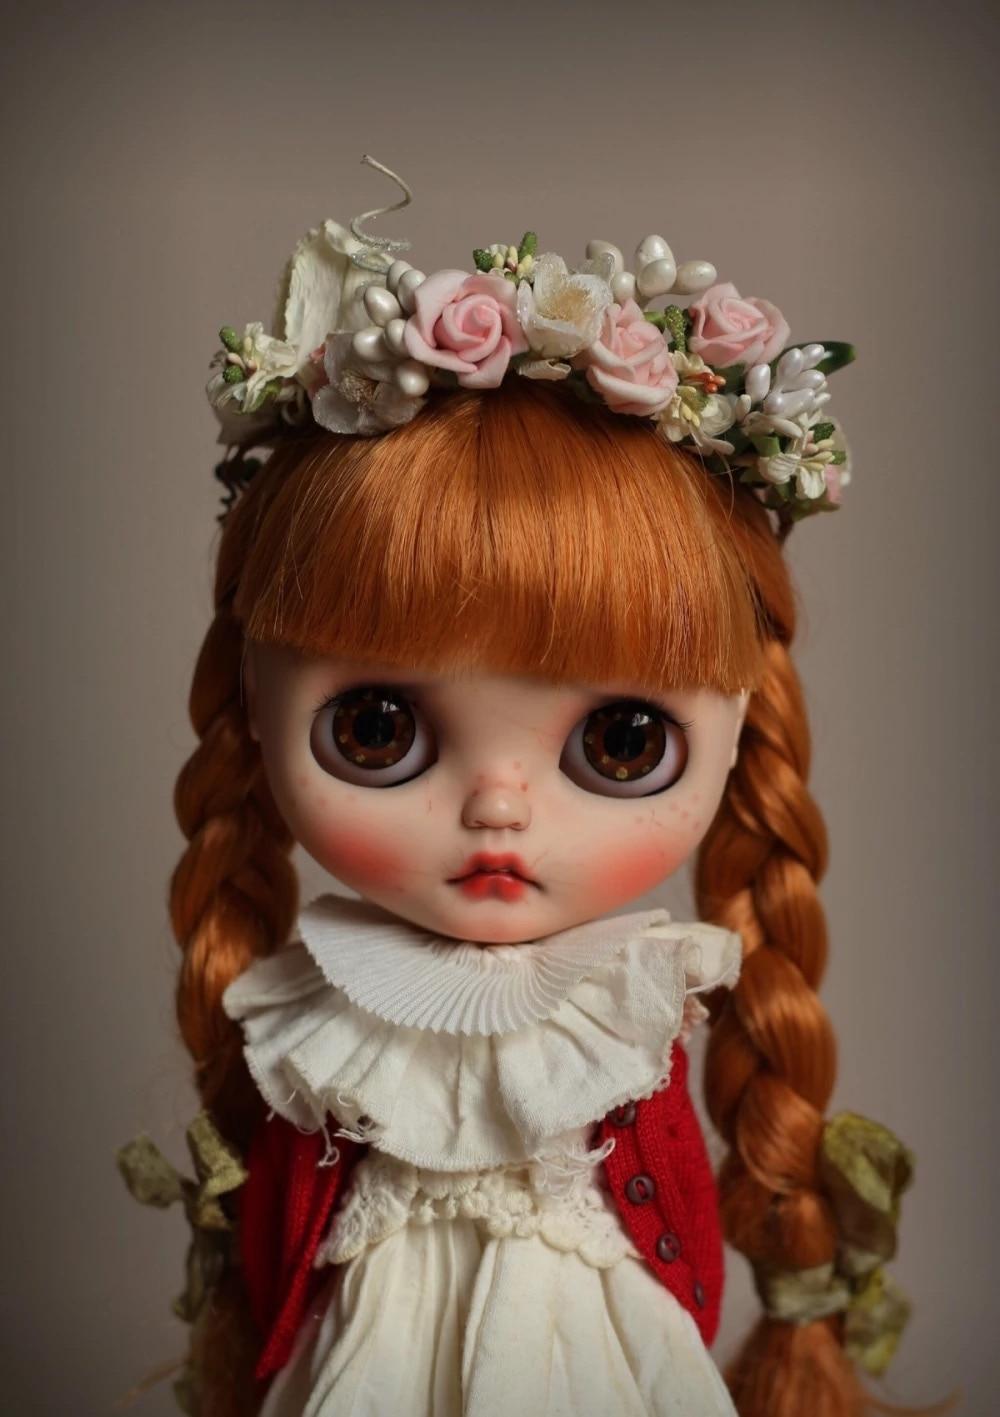 ICY 19 Joint Blyth muñeca con cara de maquillaje piel blanca con pelo chica regalo Rubio real persona estilo muñeca de maquillaje